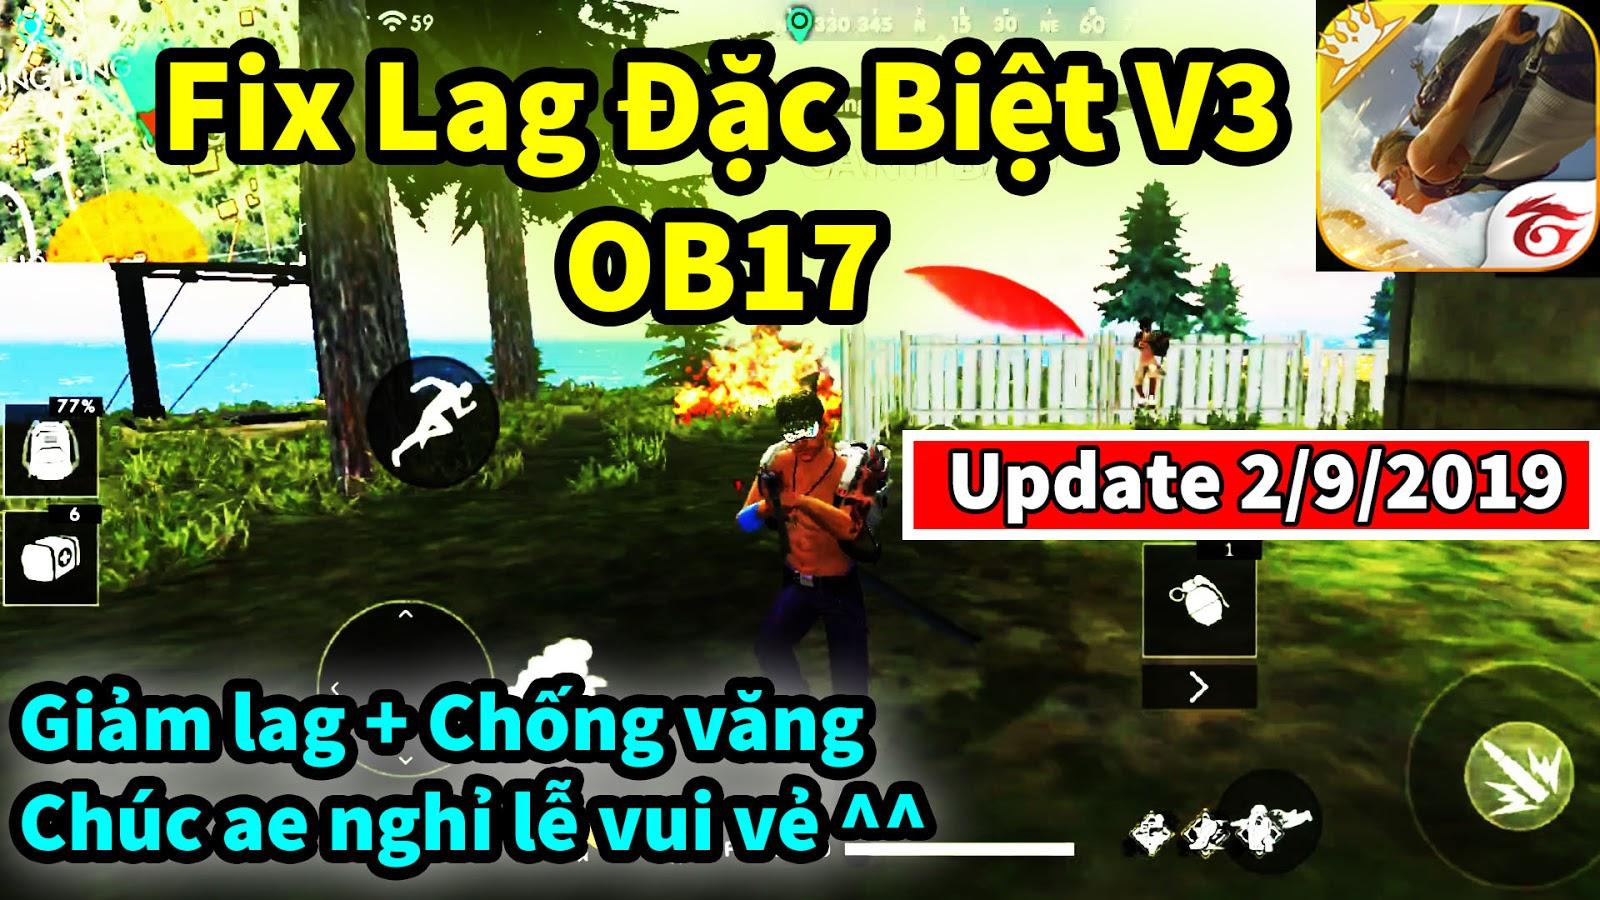 Tải về fix lag free fire ob17 đặc biệt v3 - Mê Game Studio